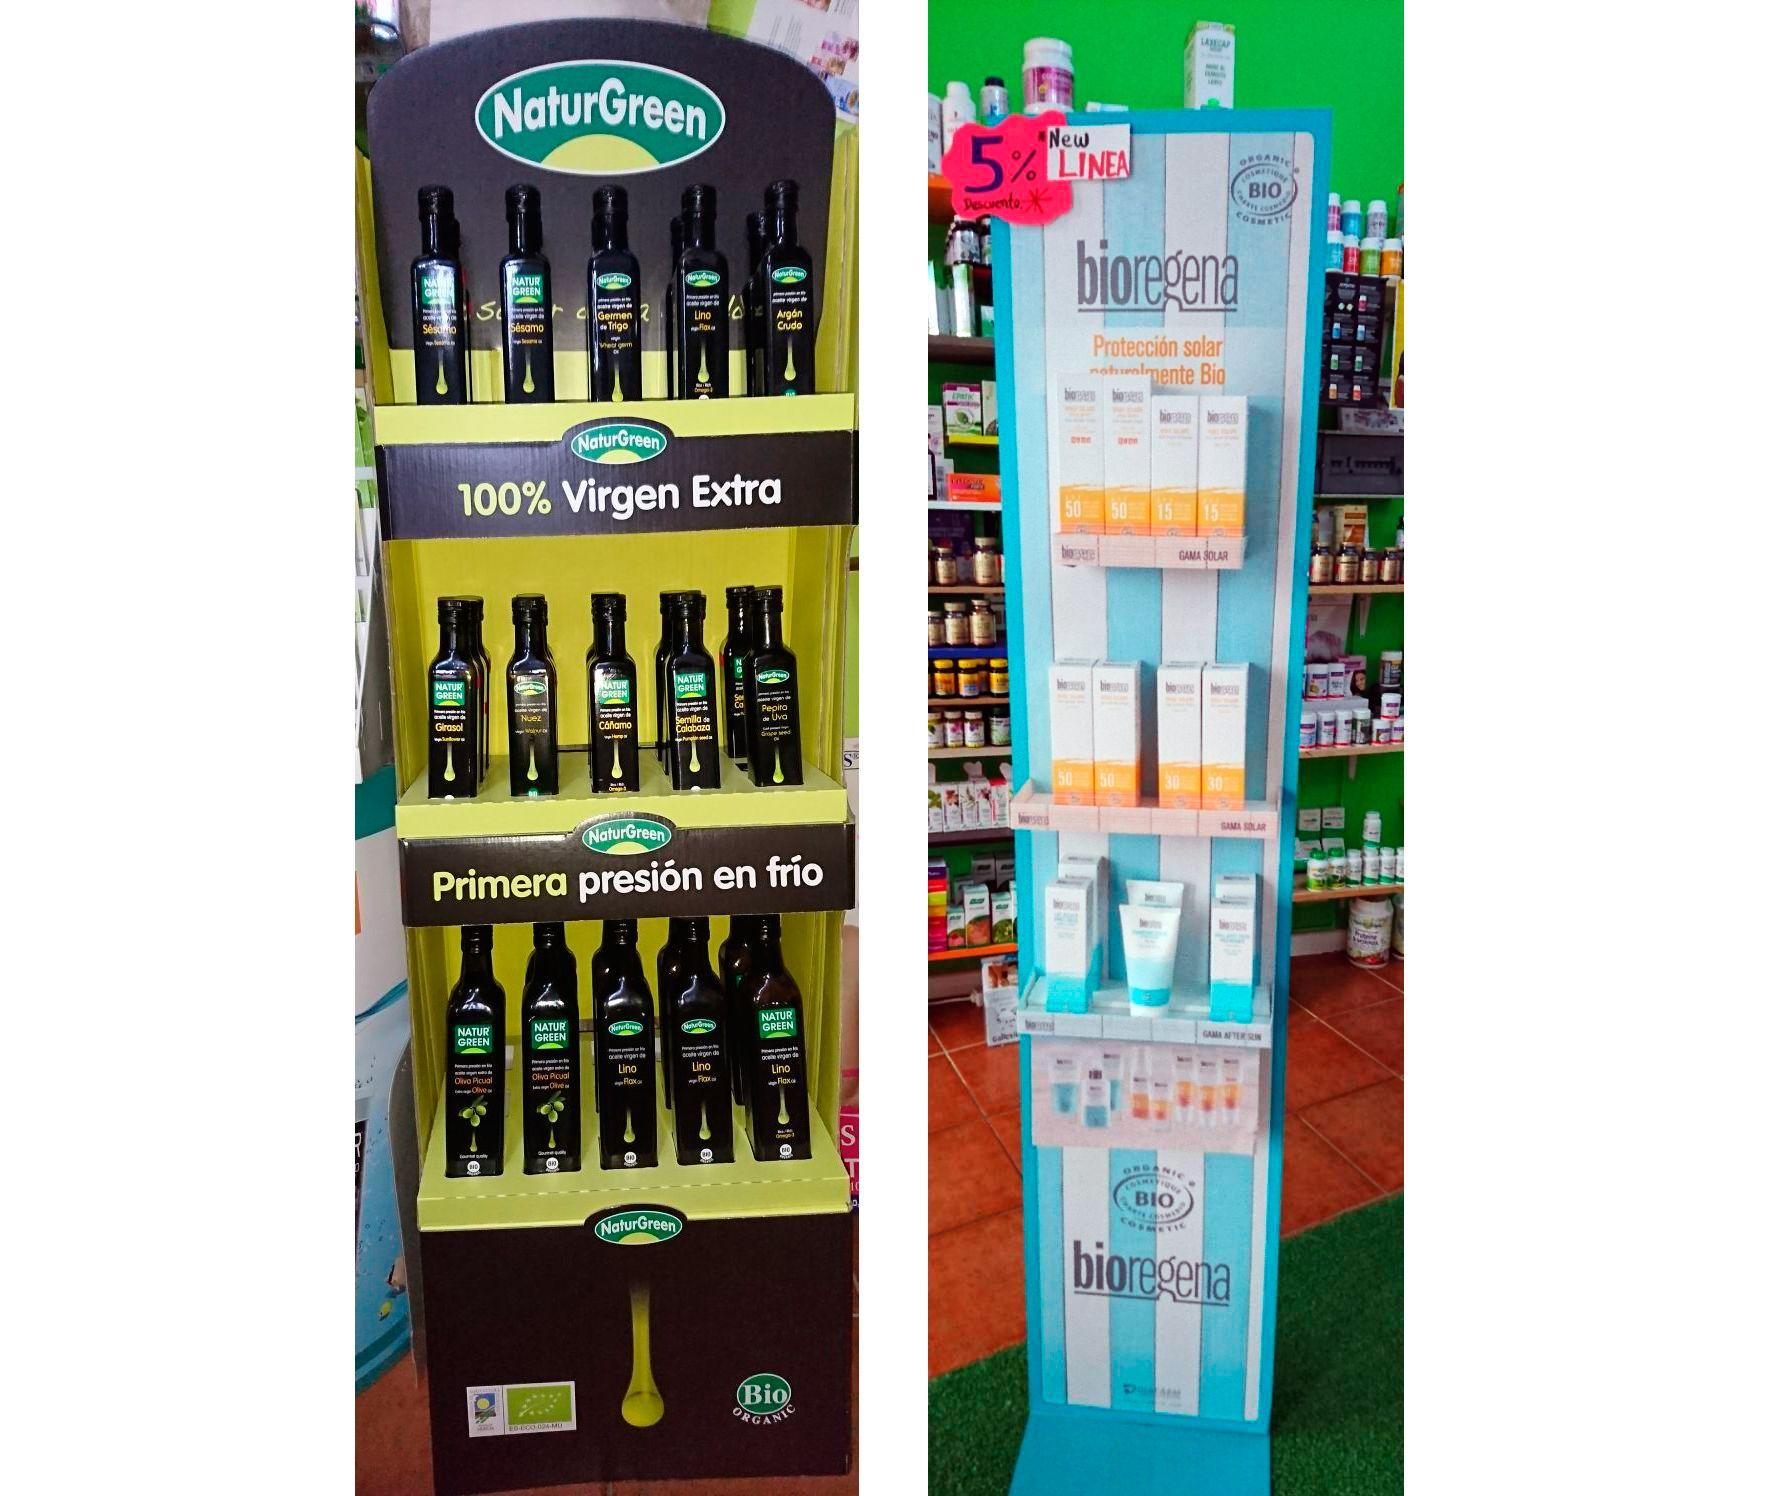 Productos de cosmética y alimentación natural en Tenerife